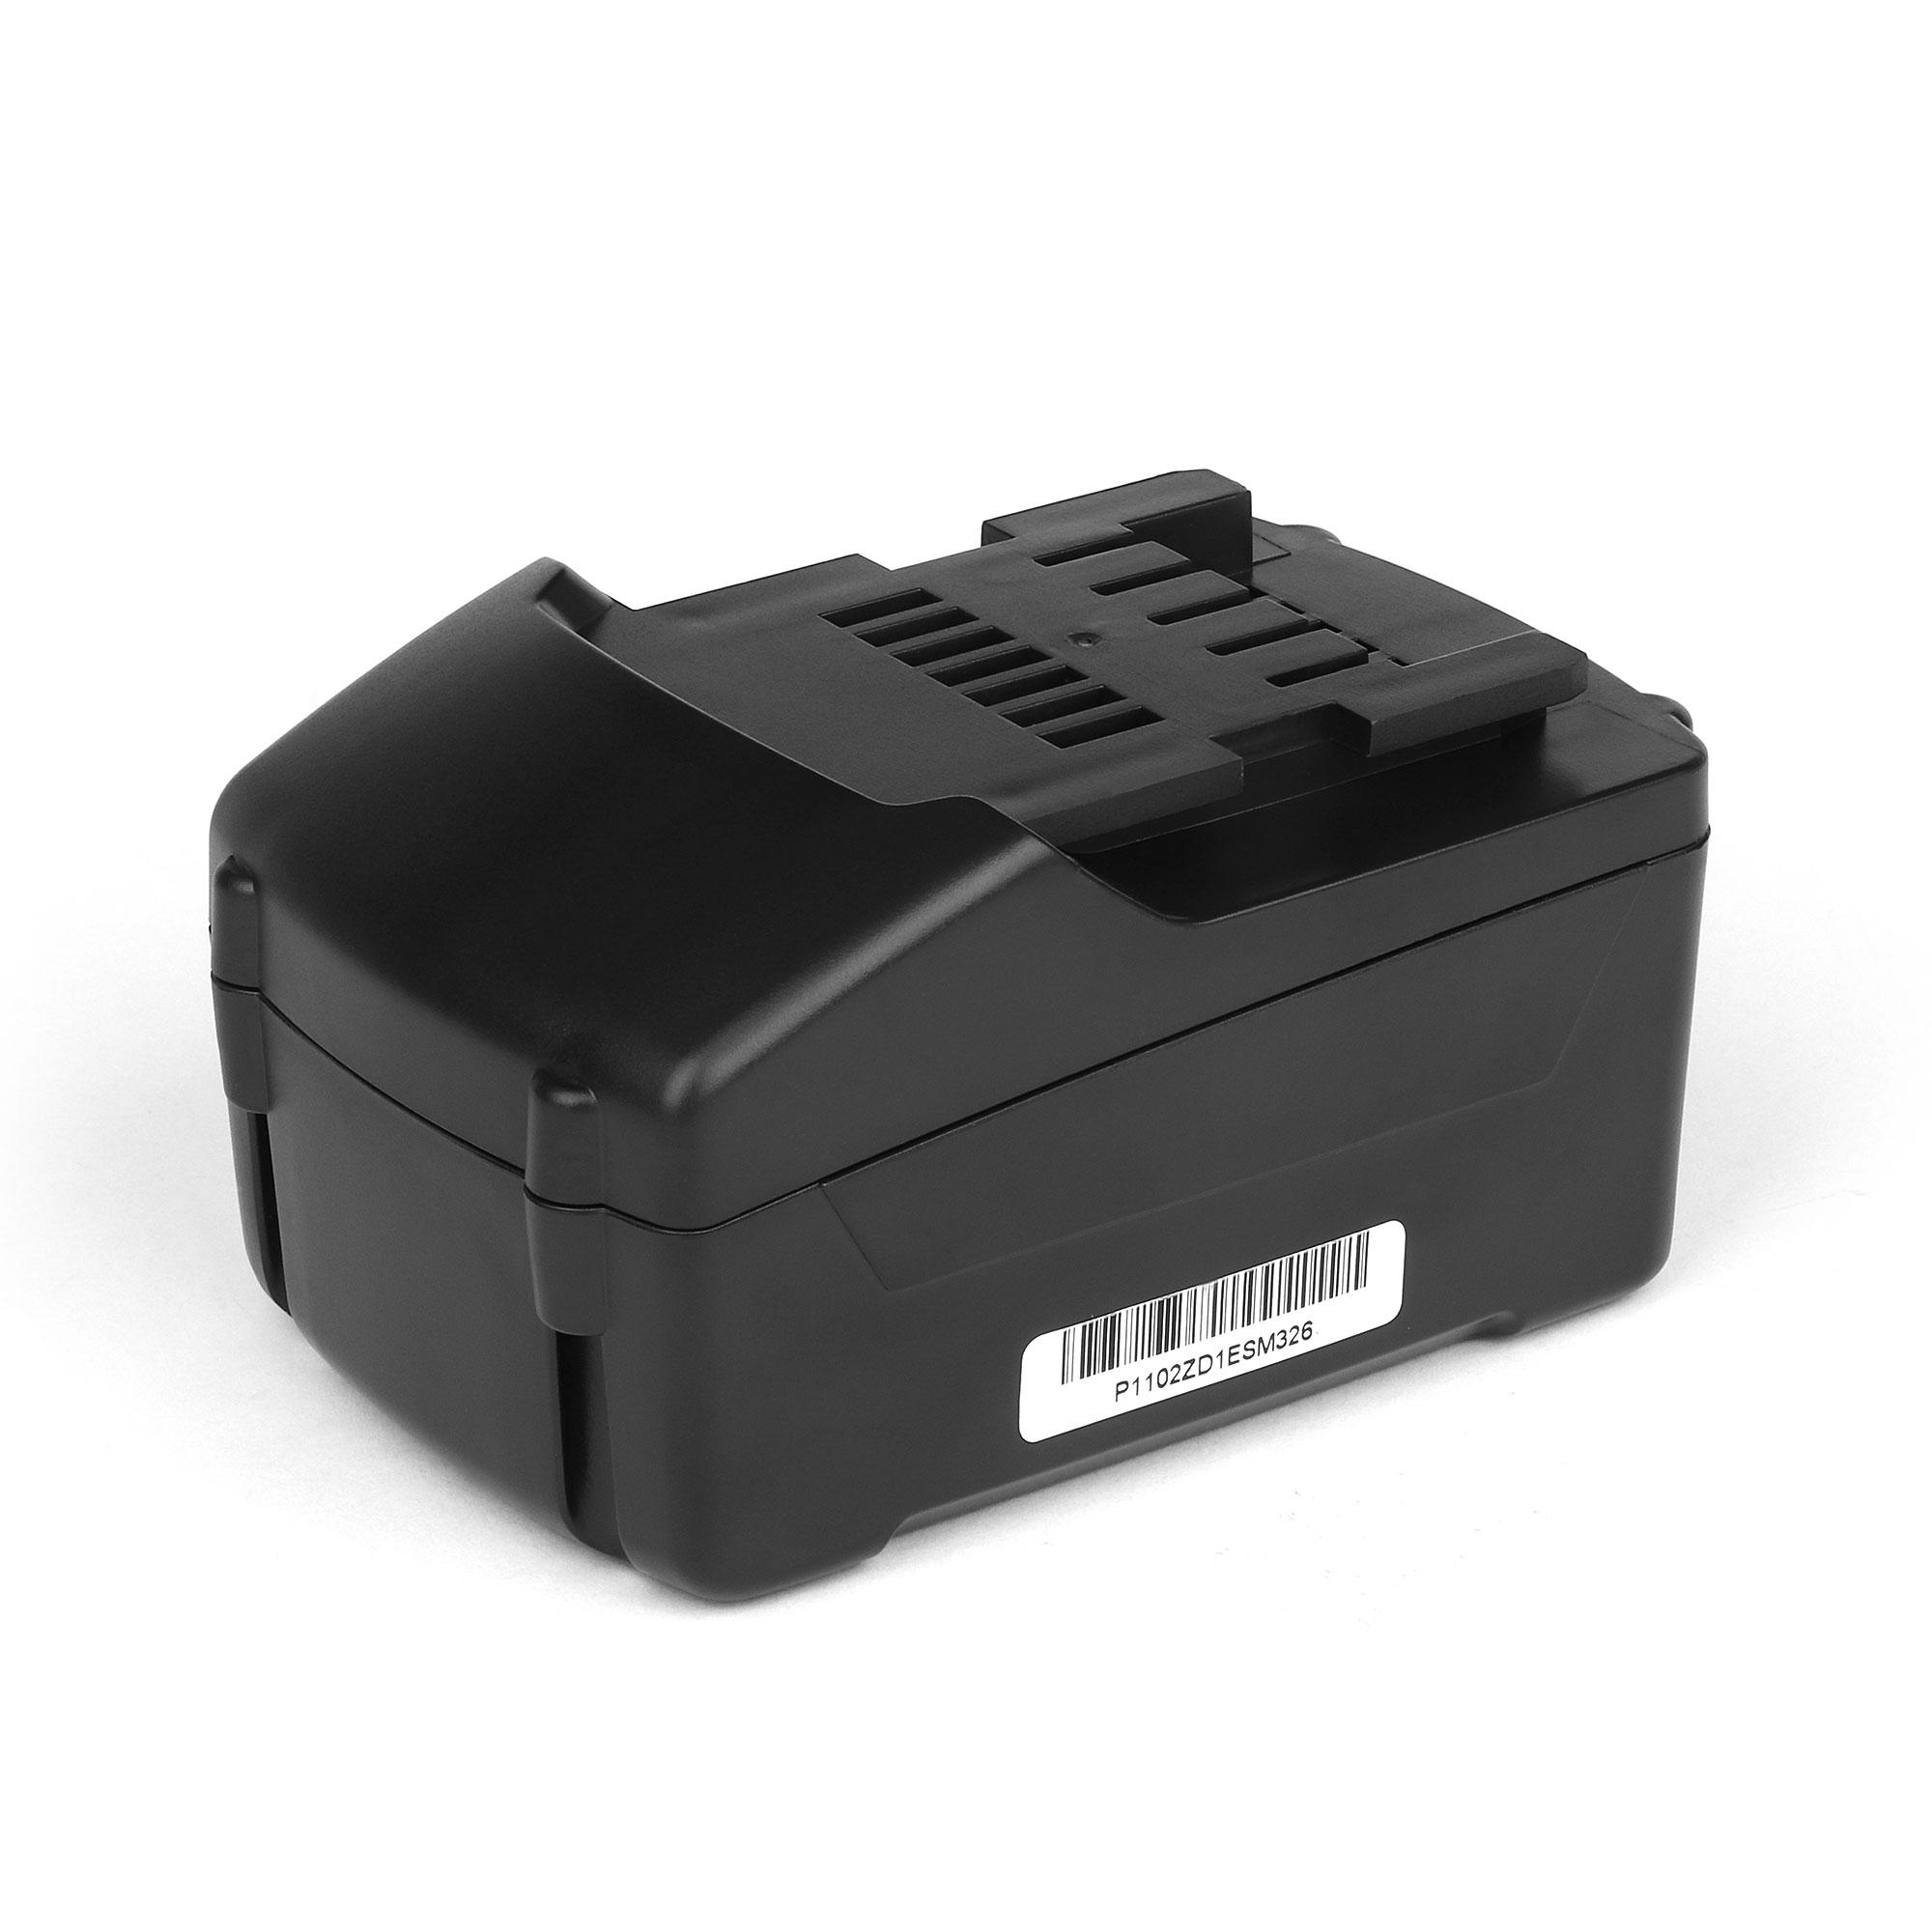 Аккумулятор для инструмента TopON Metabo 18V 3.0Ah (Li-Ion) PN: 6.25455, 6.25457, 6.25459, 6.25468.TOP-PTGD-MET-18-3.0ВНИМАНИЕ!!! Товар сертифицирован!!! Соответствует стандартам безопасности ГОСТ 12.2.007.12-88. Аккумуляторы TopOn для электроинструментов – это аккумуляторы хорошего качества и высокой надёжности. Приобретая продукцию TopOn, вы получаете: 1. Производство из качественных комплектующих. 2. Полную совместимость с заявленным устройством. 3. Оснащение фирменной защитой (от перегрева, перегрузки, перезаряда и переразряда, от перегрузки и от скачков напряжения сети). 4. 6 месяцев гарантии. В отличие от многочисленных подделок, в аккумуляторах TopOn присутствуют и правильно настроены все необходимые для нормальной и безопасной работы электронные схемы защиты. В случае возникновения проблем в работе аккумулятора в течение полугода - вы можете рассчитывать на отсутствие сложностей при осуществлении гарантийных обязательств.